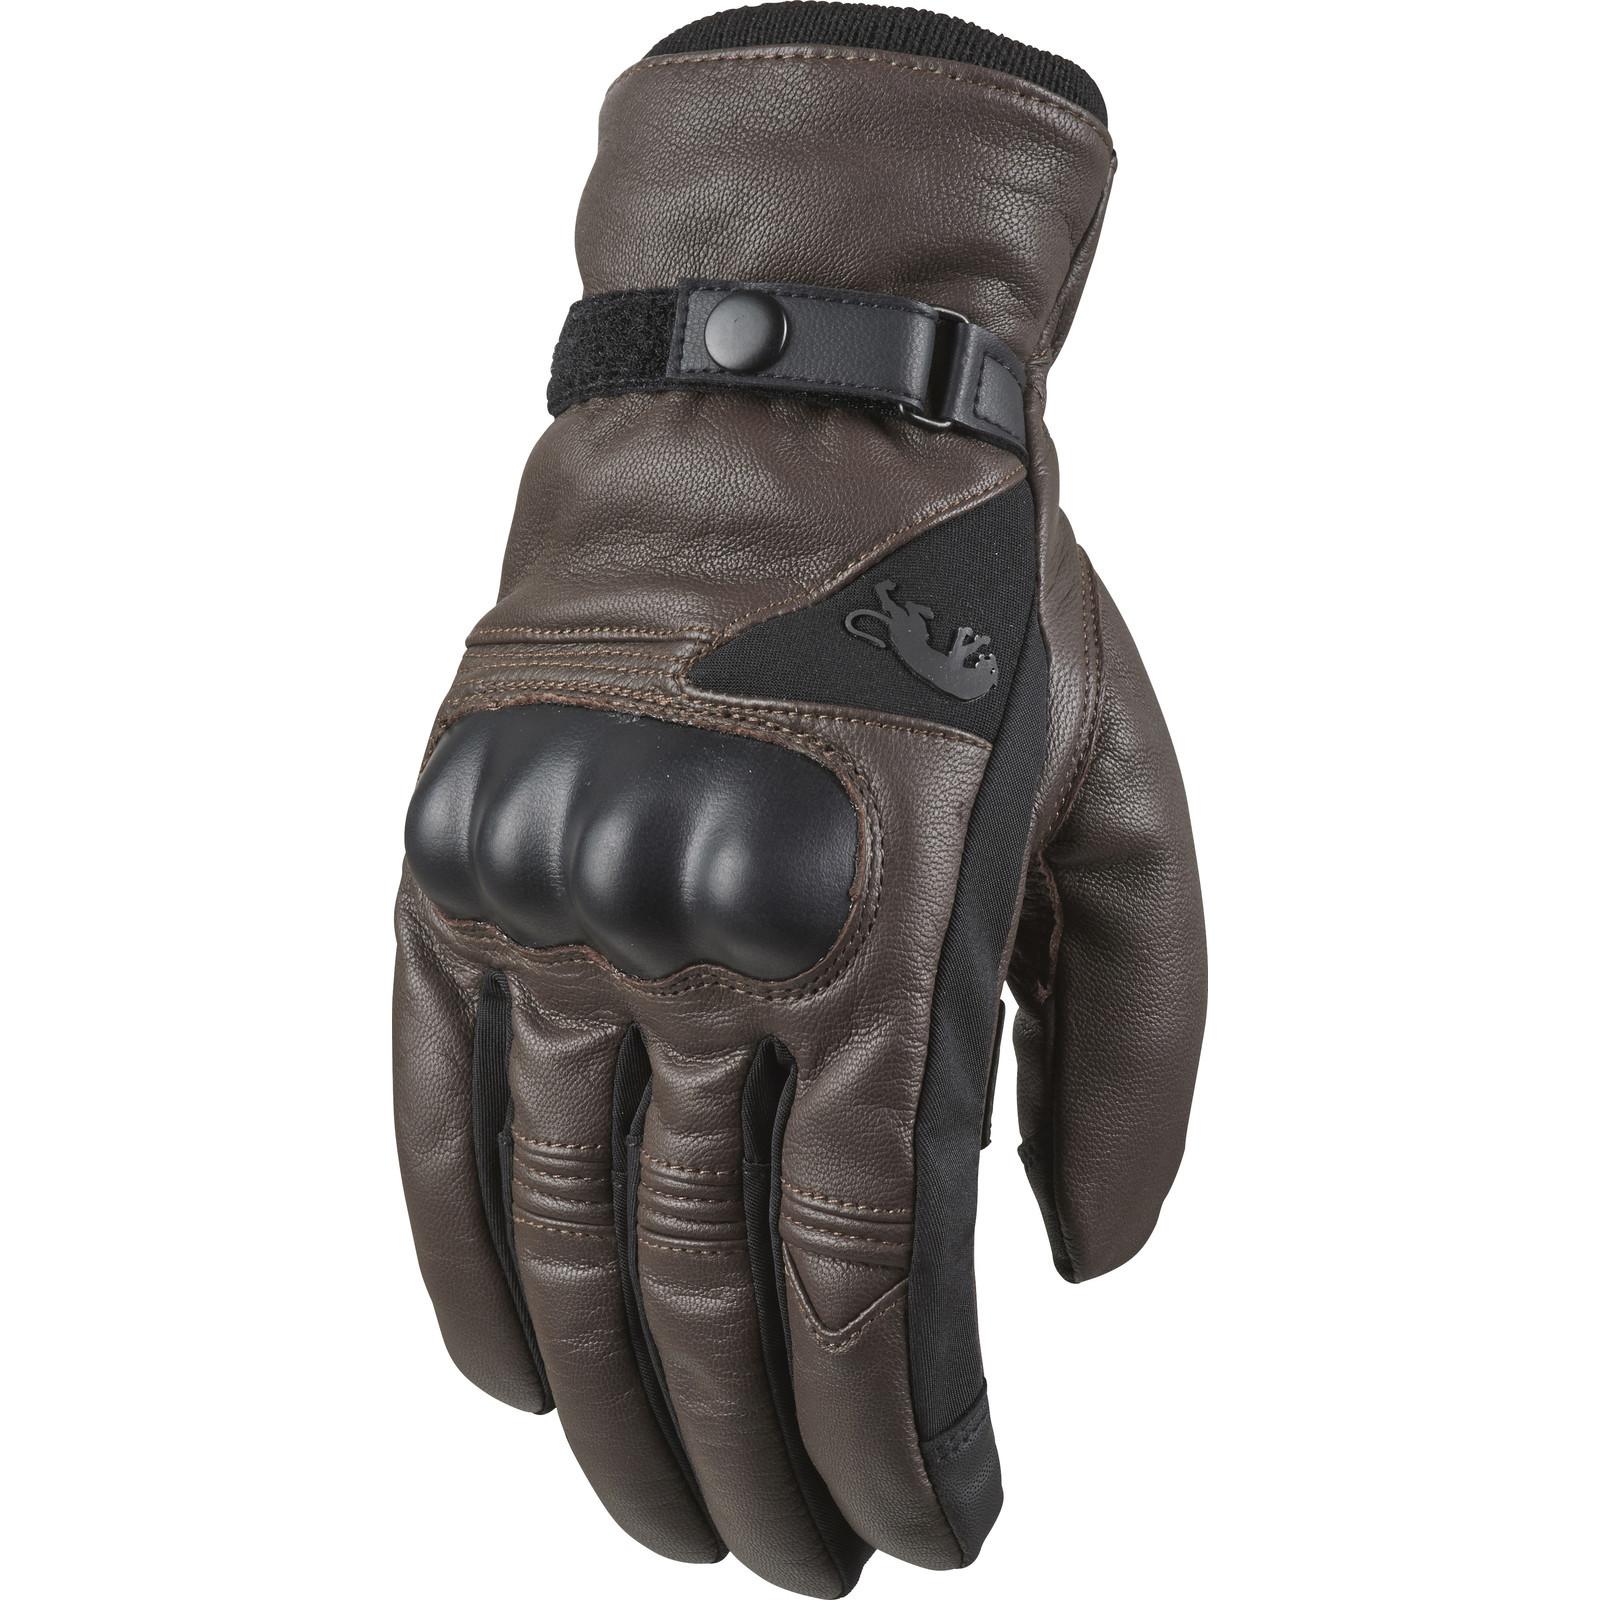 Furygan midland motorcycle gloves motorbike waterproof leather knuckle